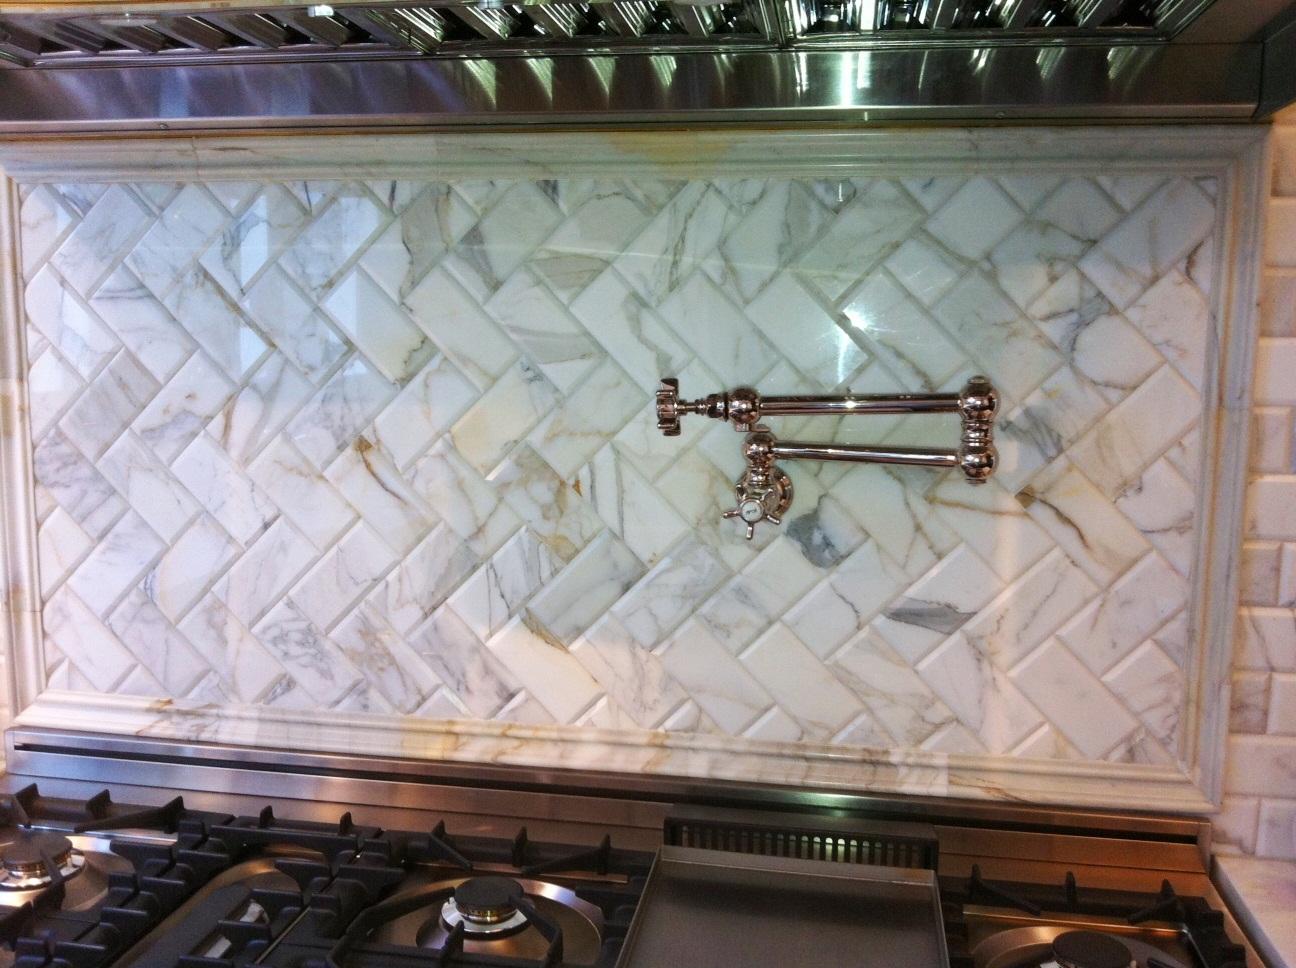 Tumbled Stone Kitchen Backsplash Ideas